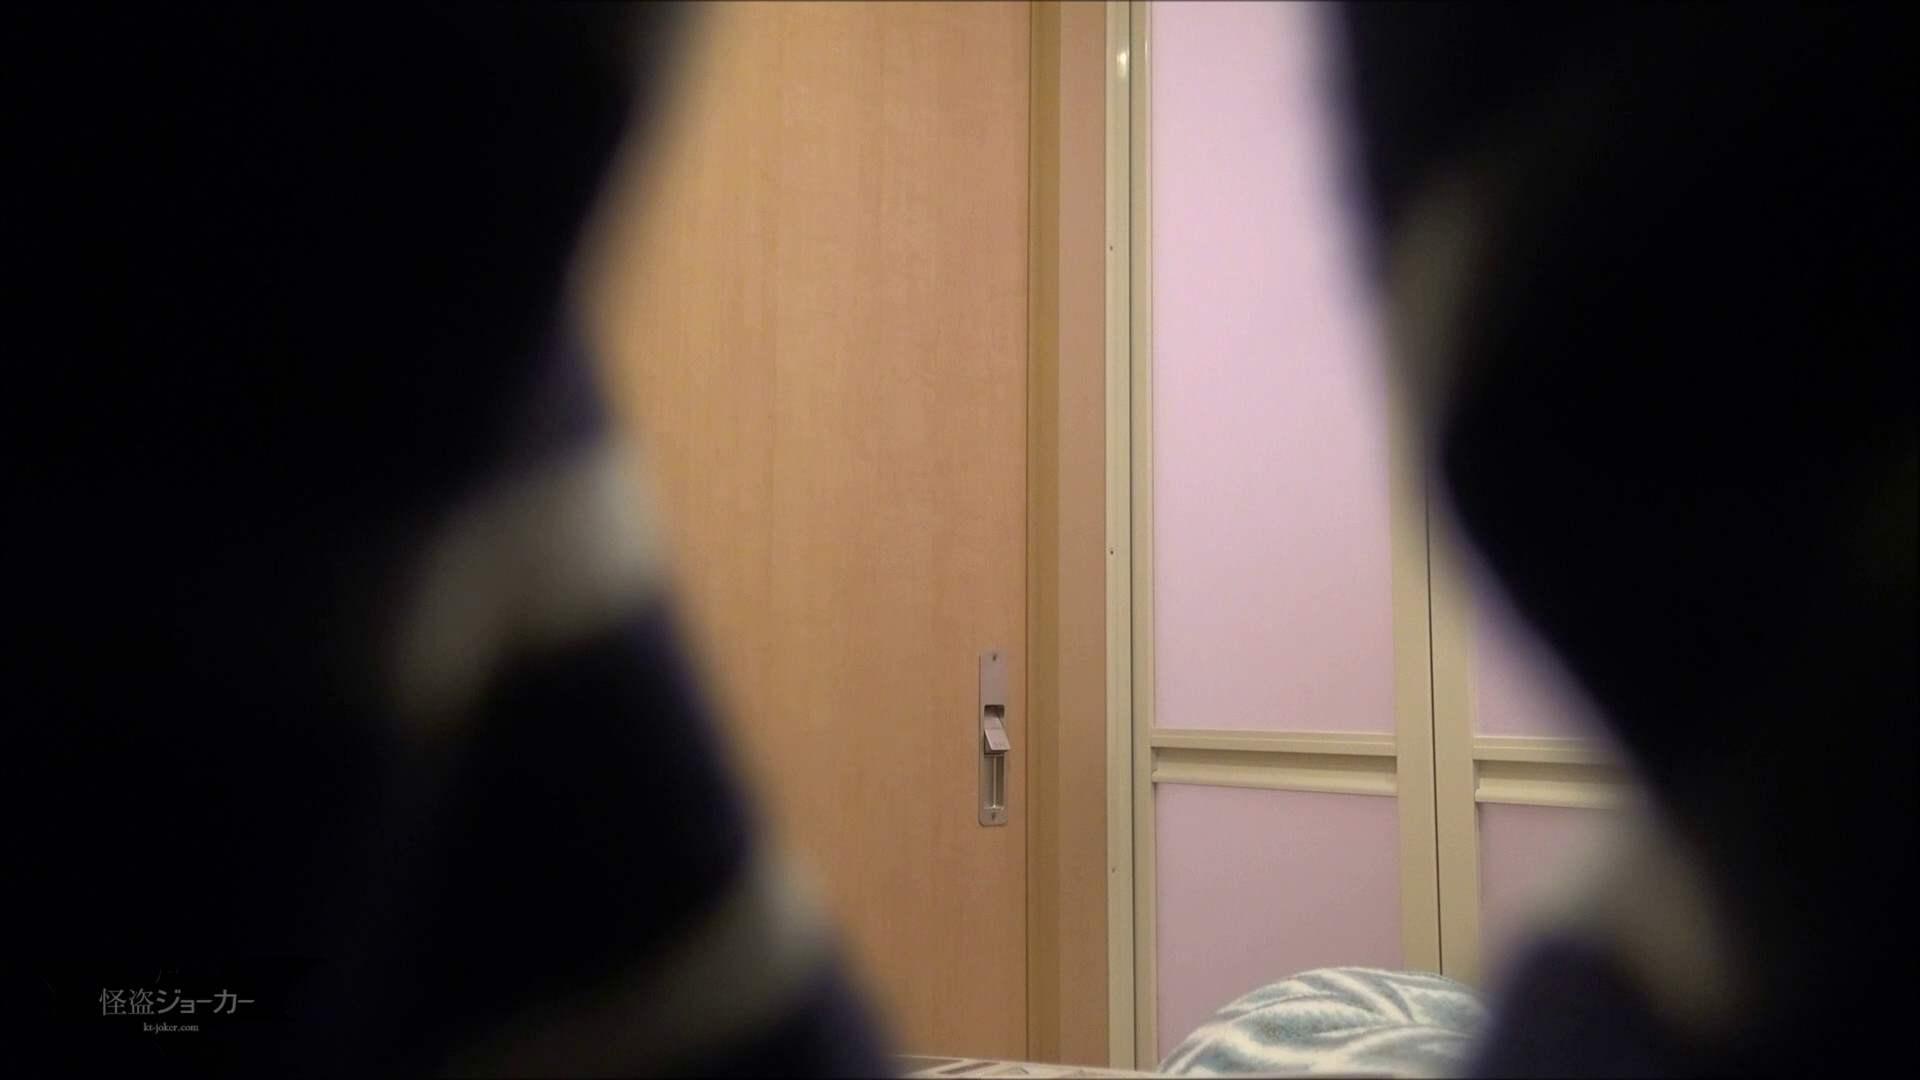 【未公開】vol.105 {爆乳女子と貧乳女子}カナミ&マリ【前編】 人気シリーズ ワレメ無修正動画無料 49画像 22